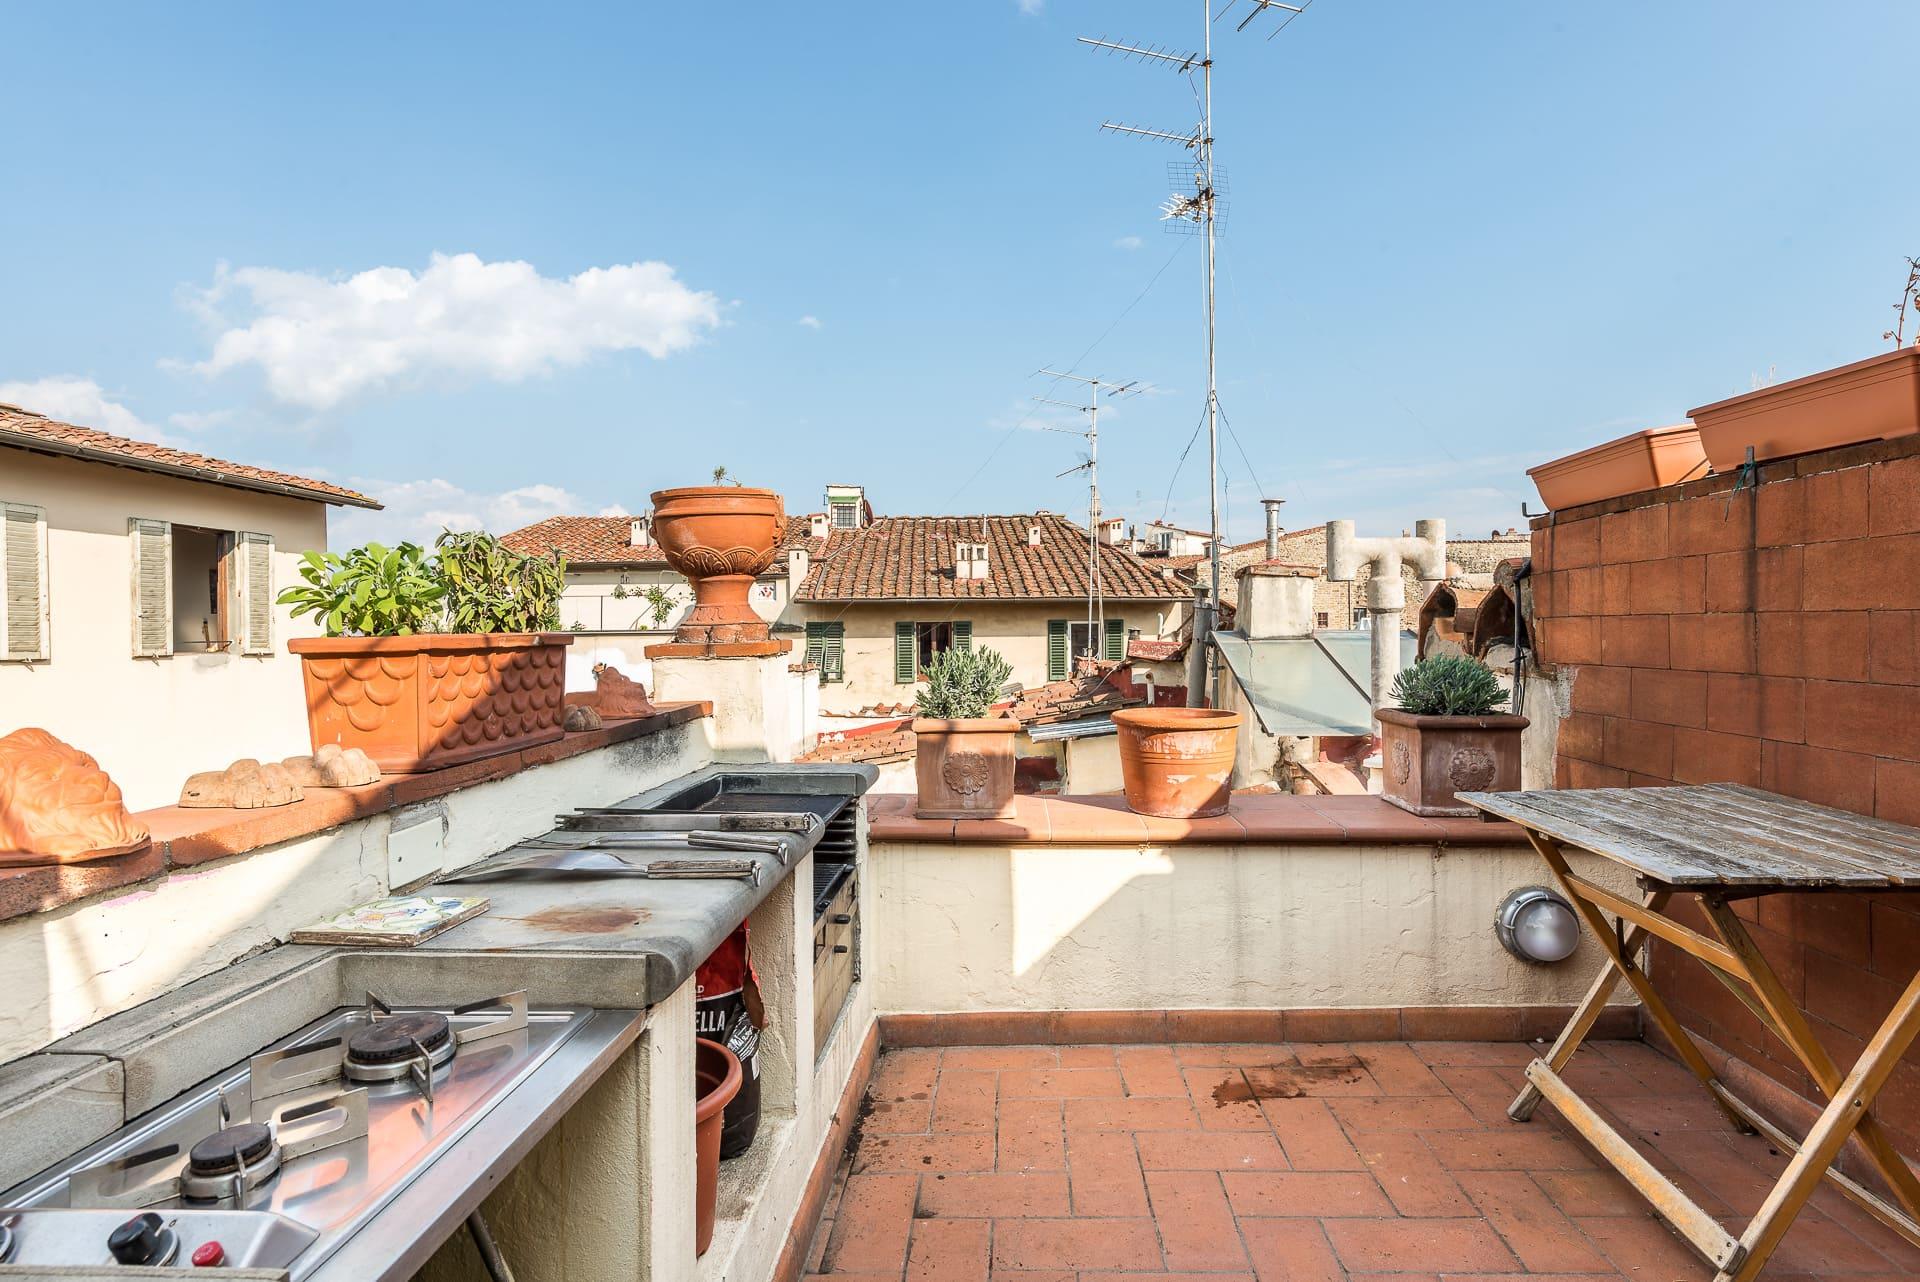 House for sale in Borgo dei Greci